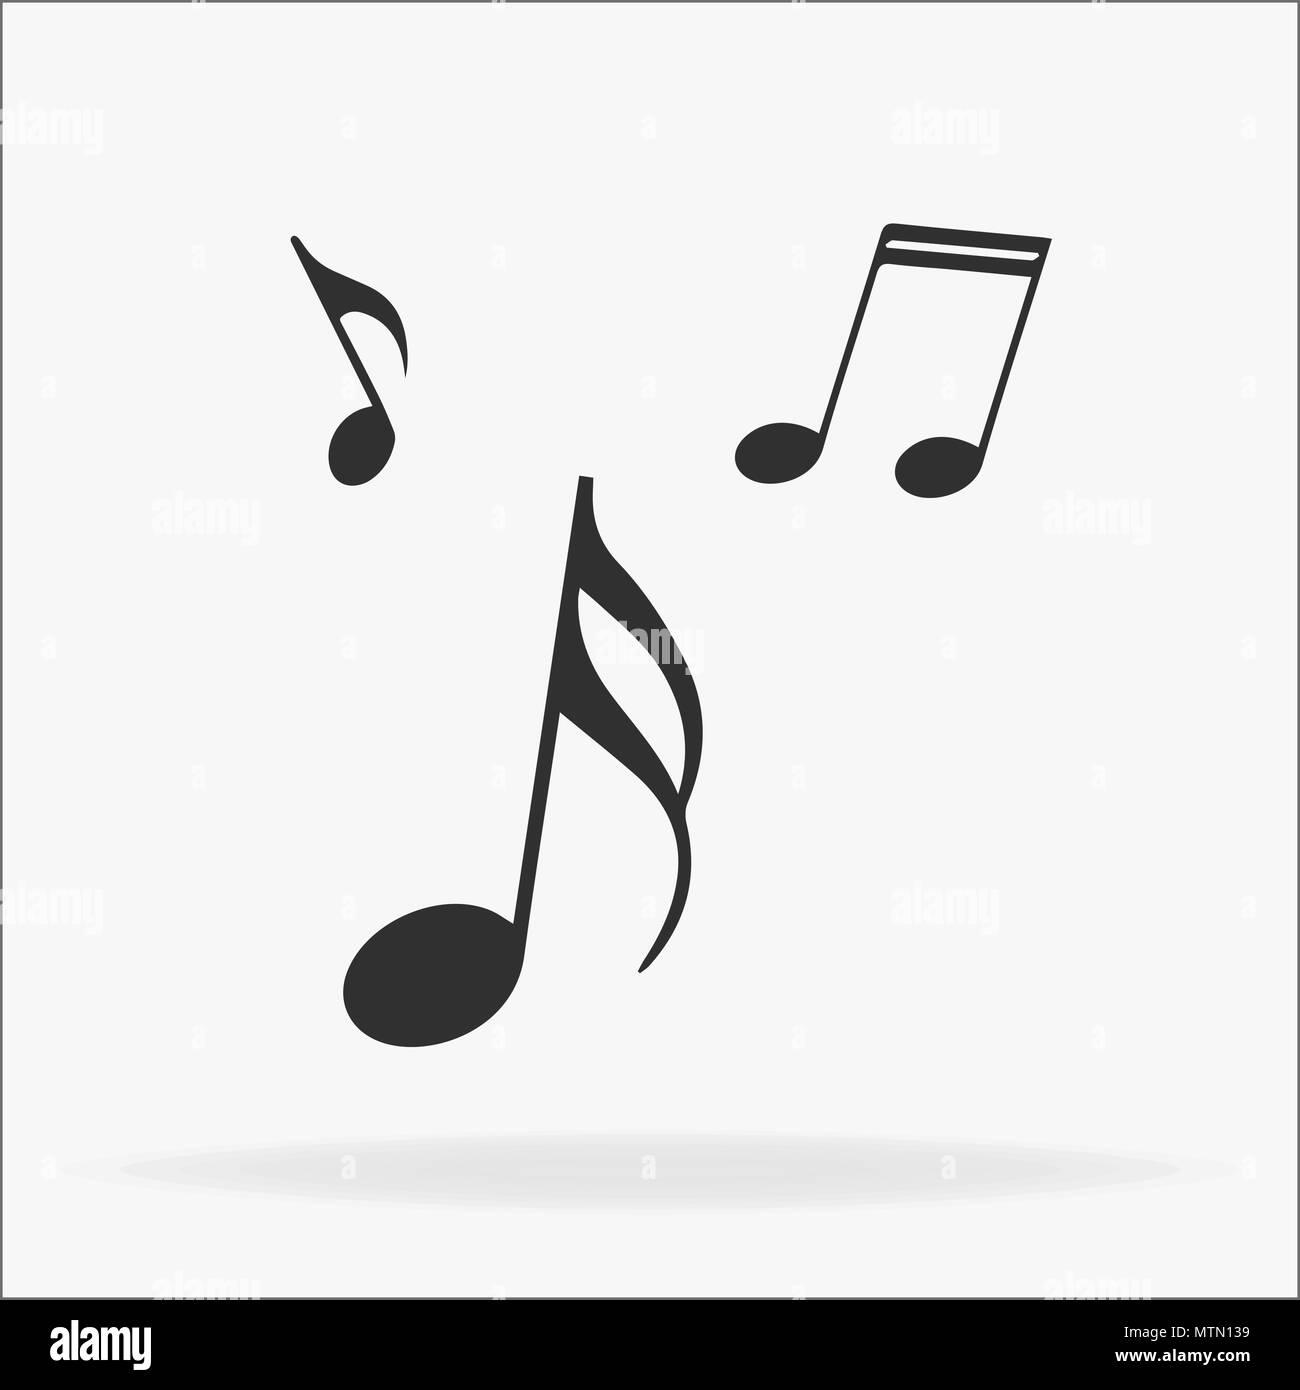 Musik app im hintergrund